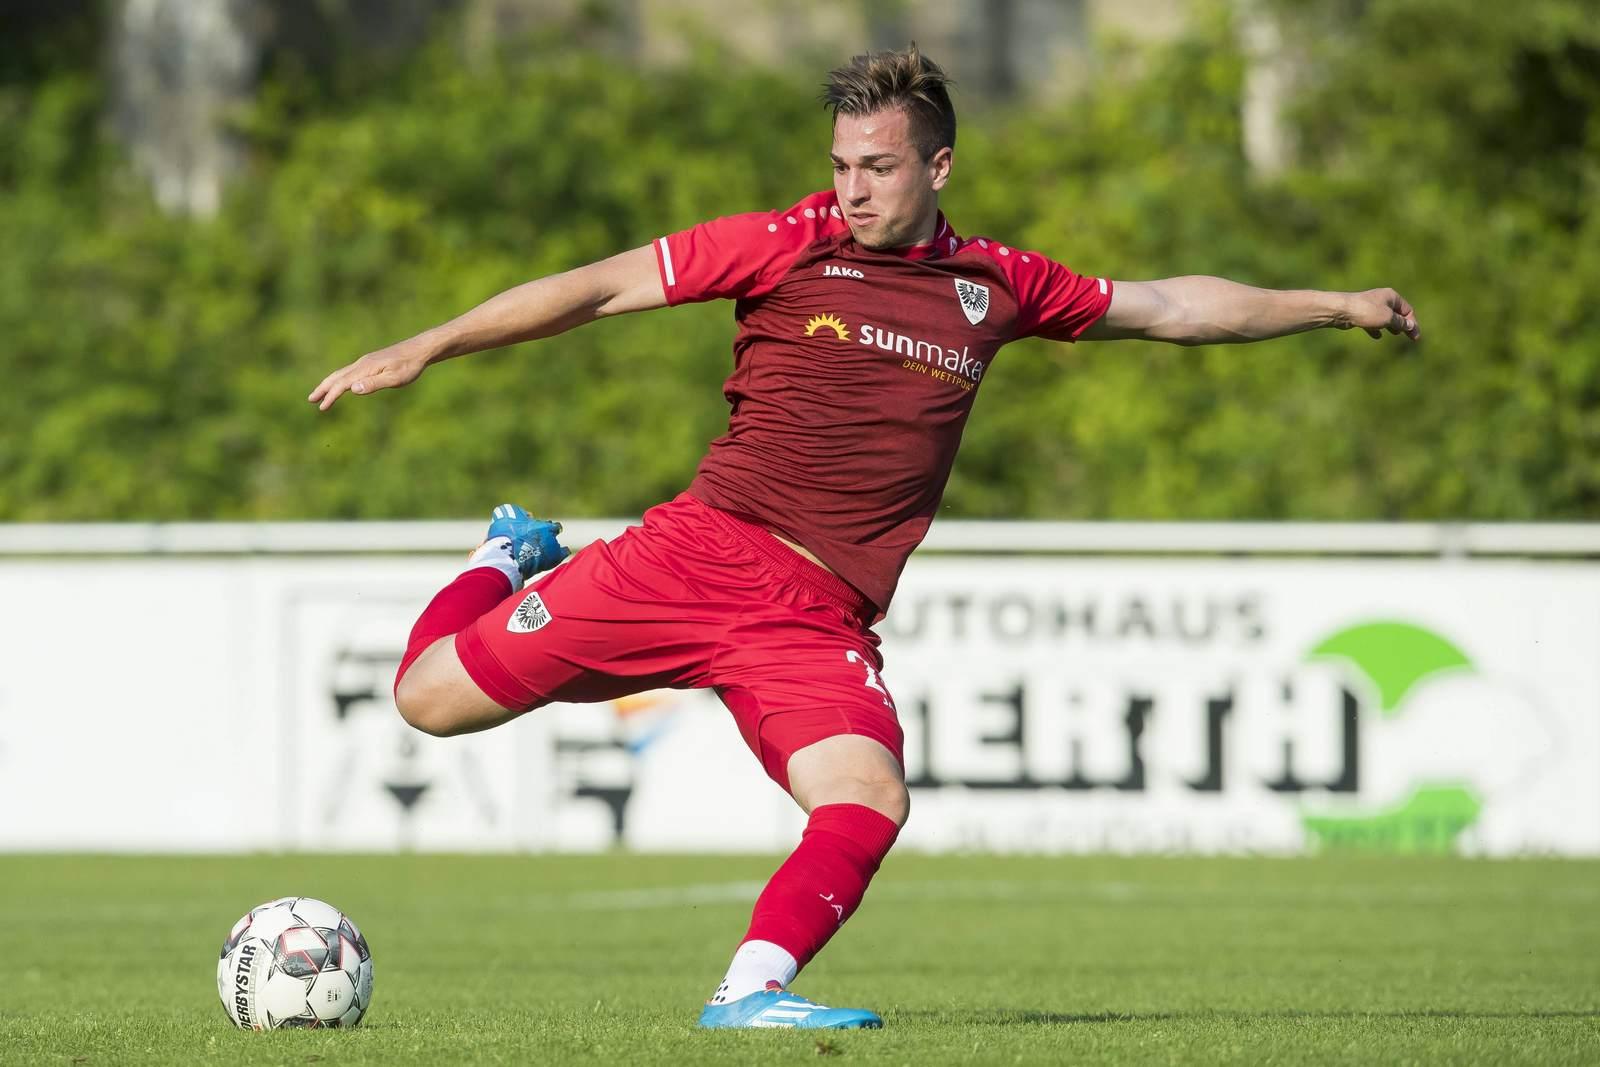 Luca Schnellbacher am Ball für den SC Preußen Münster